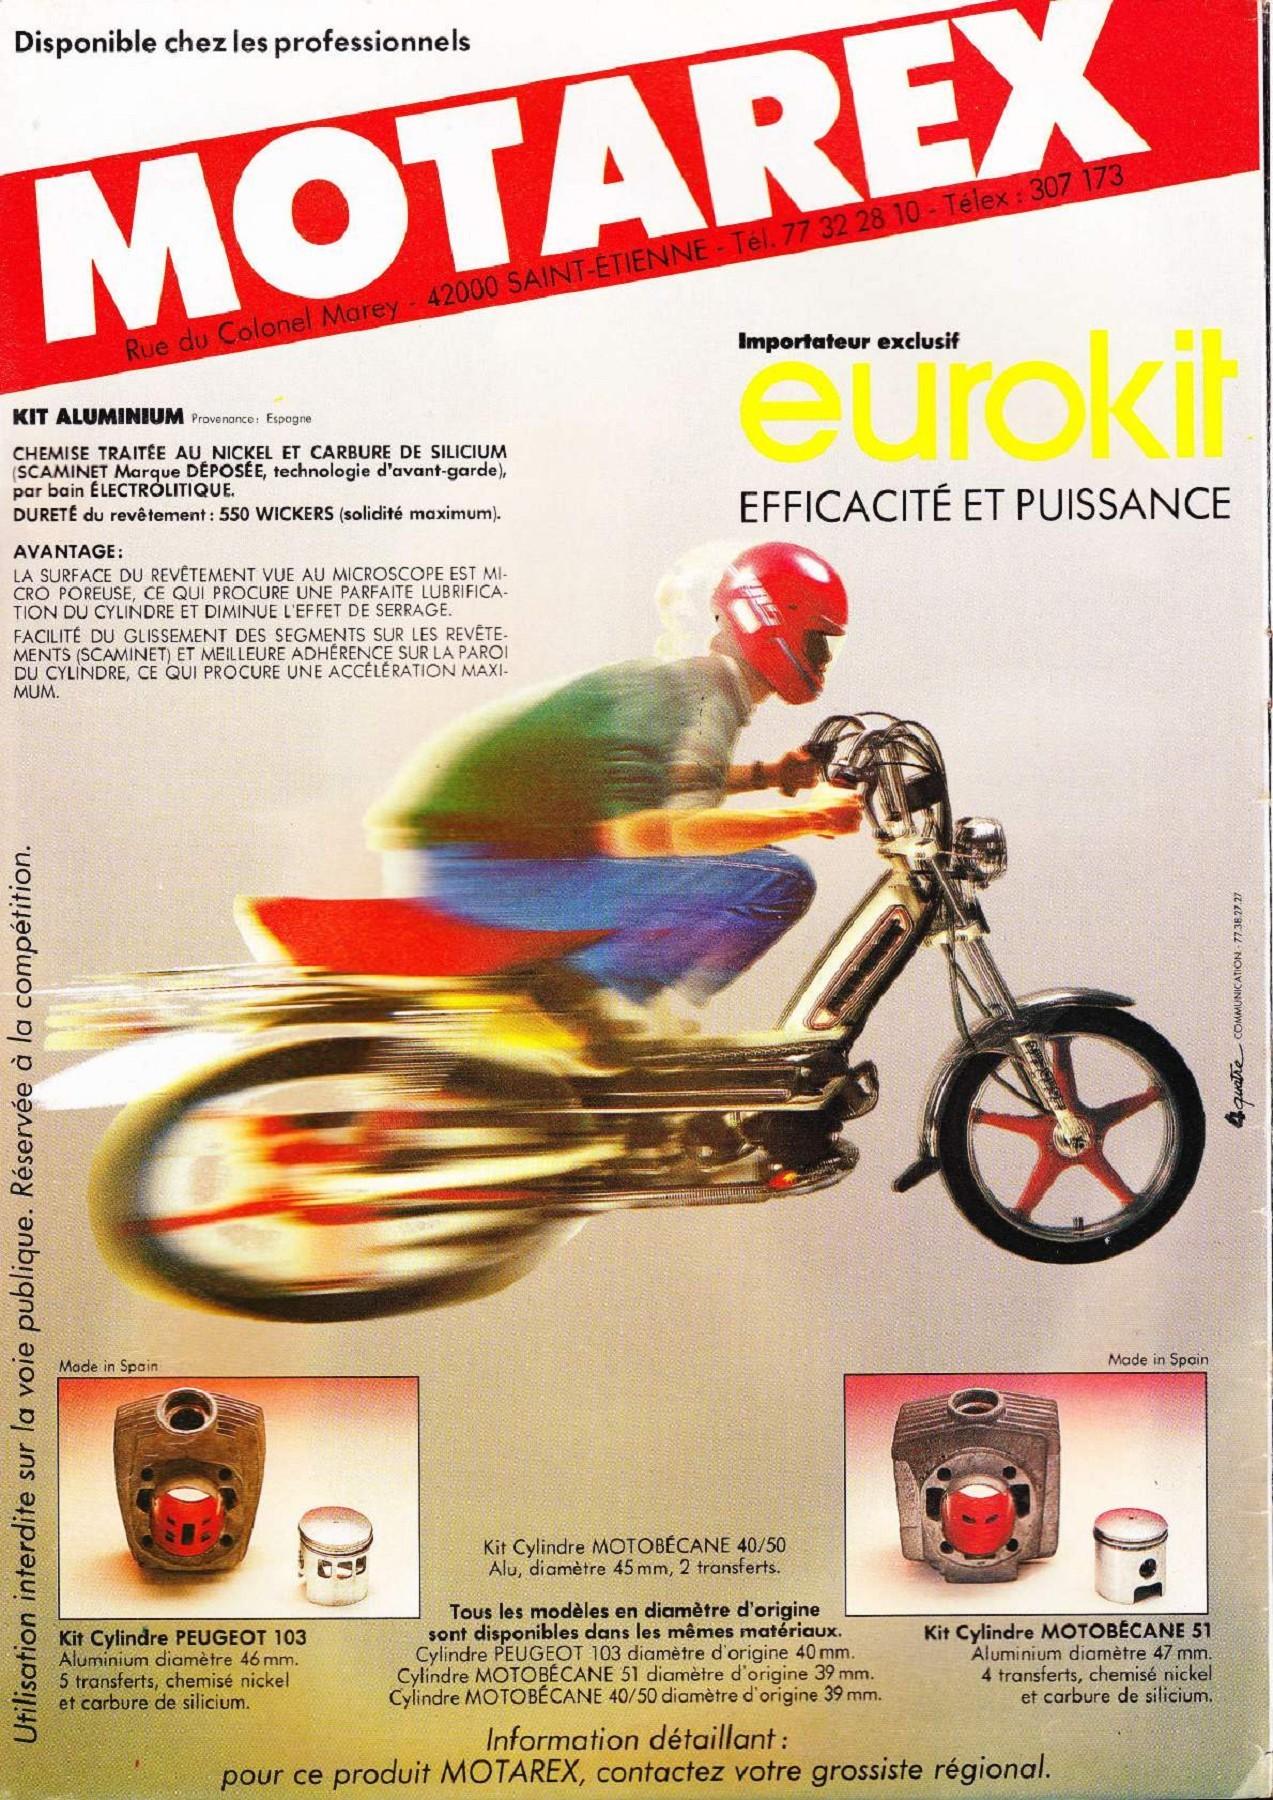 Cadeau Leclerc Best Of Mob Chop 24 Pressed Pages 1 50 Text Version Of 37 Élégant Cadeau Leclerc